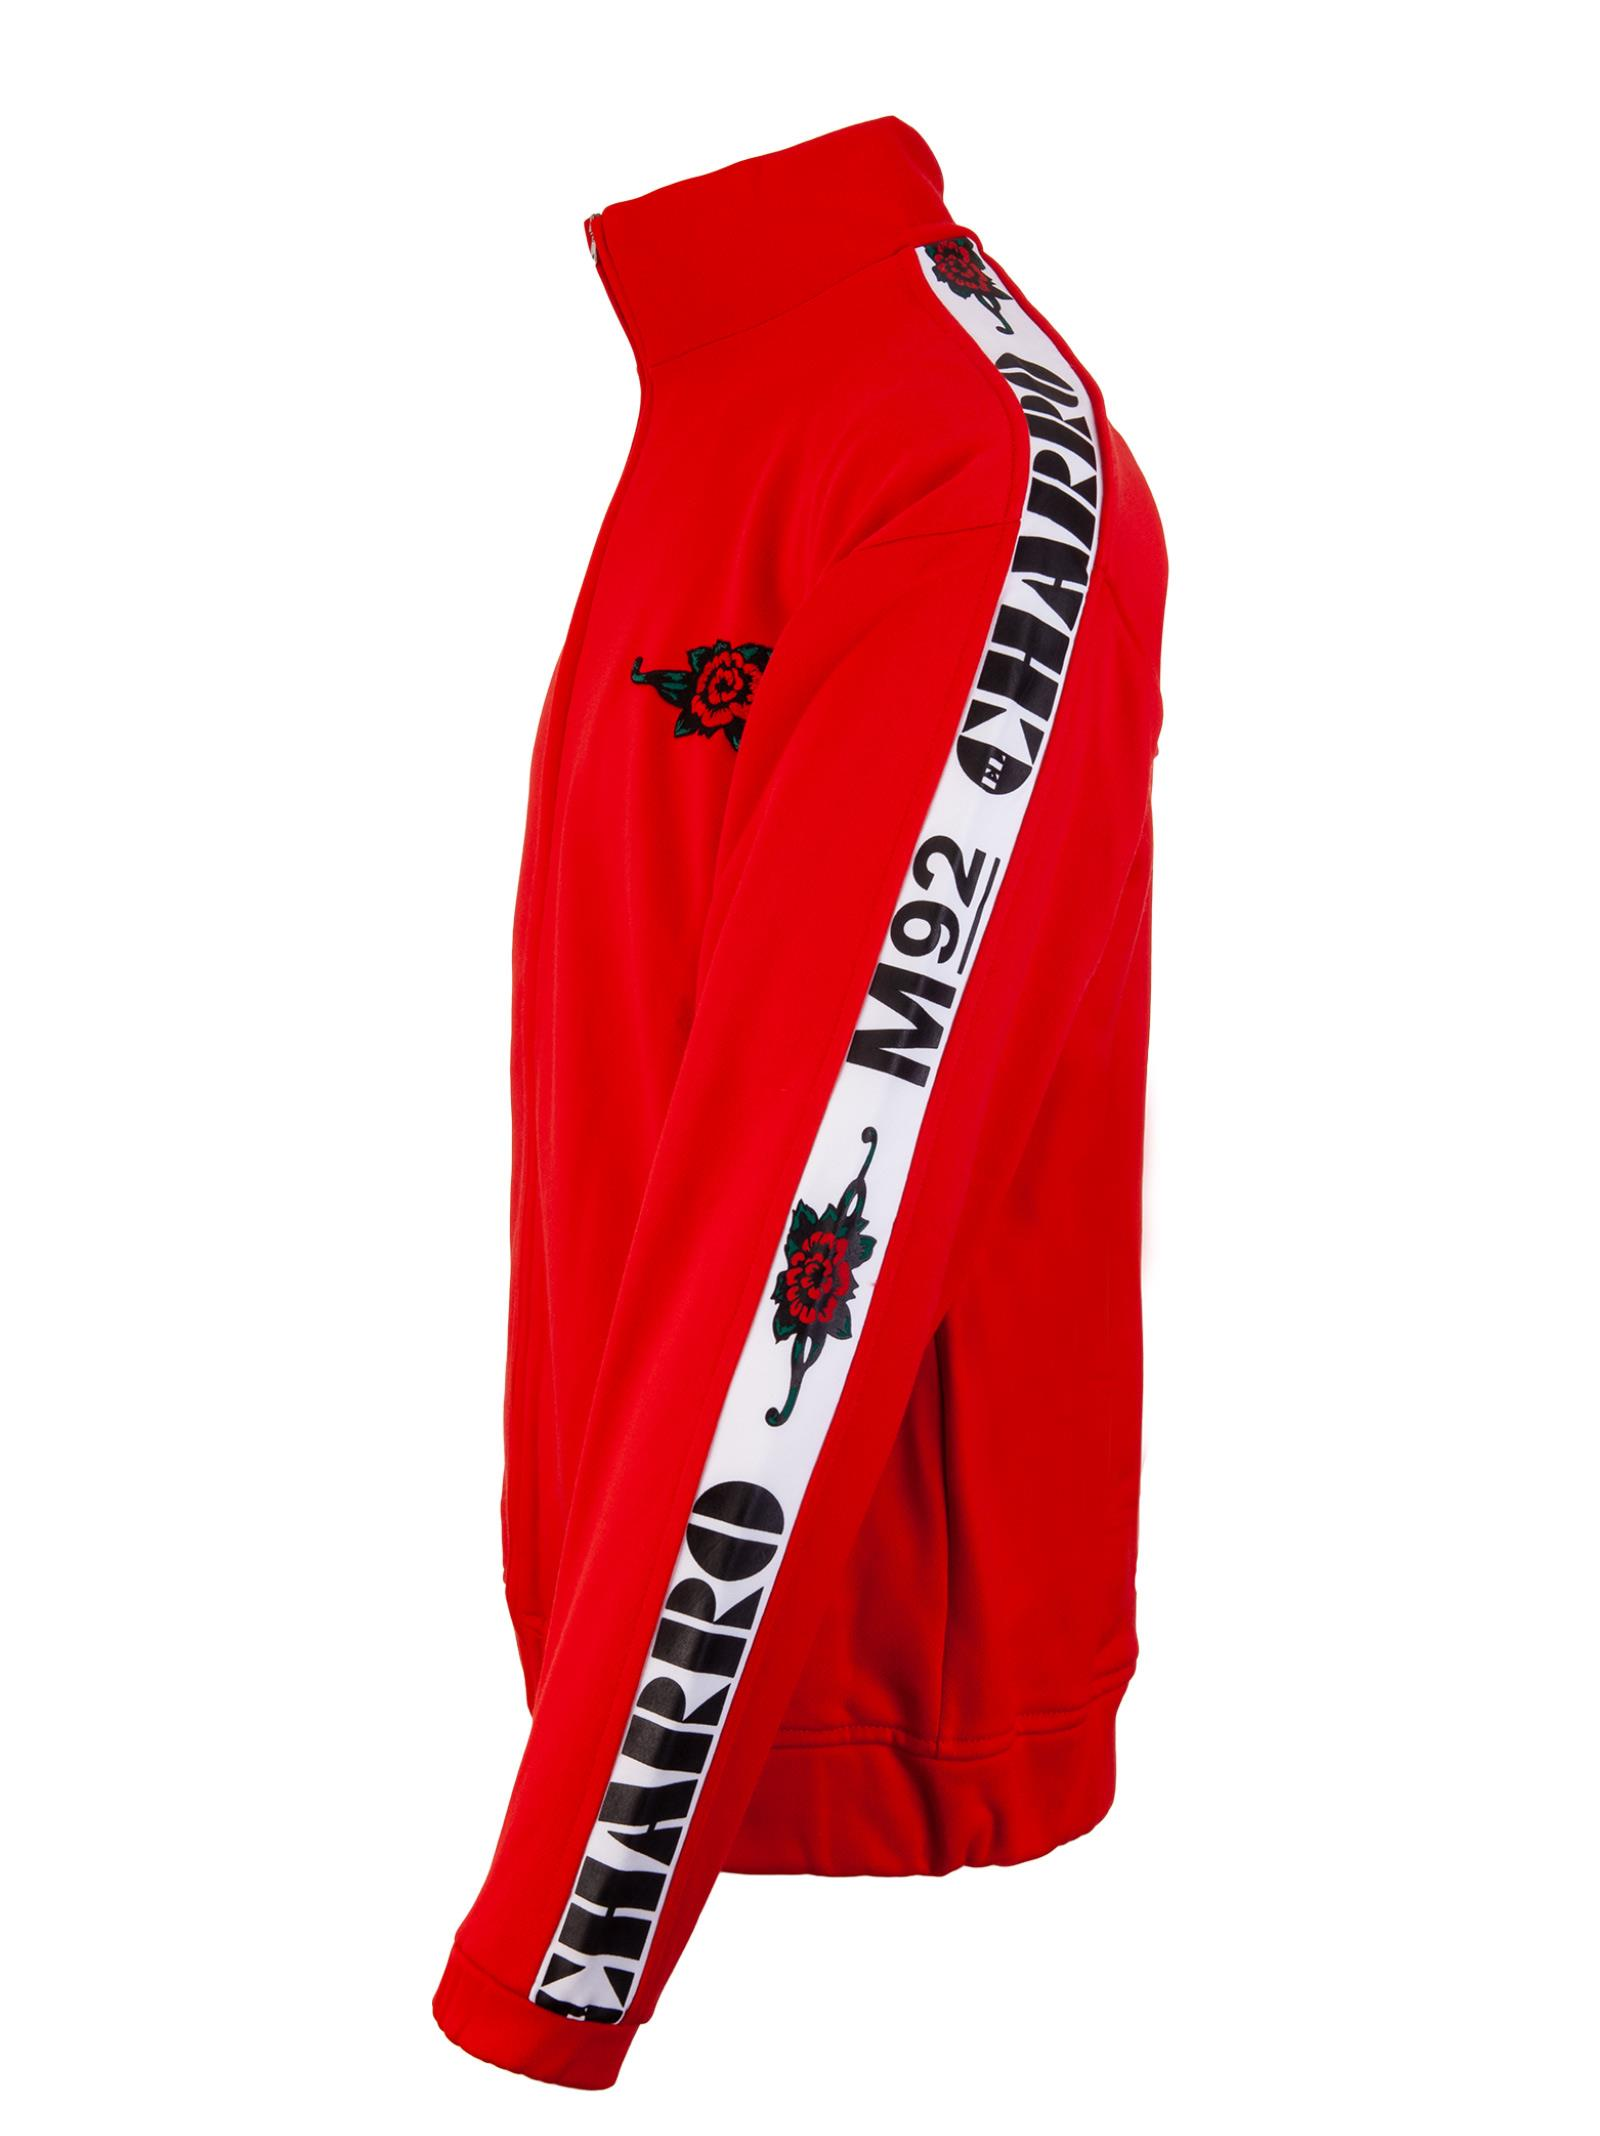 M1992 jacket